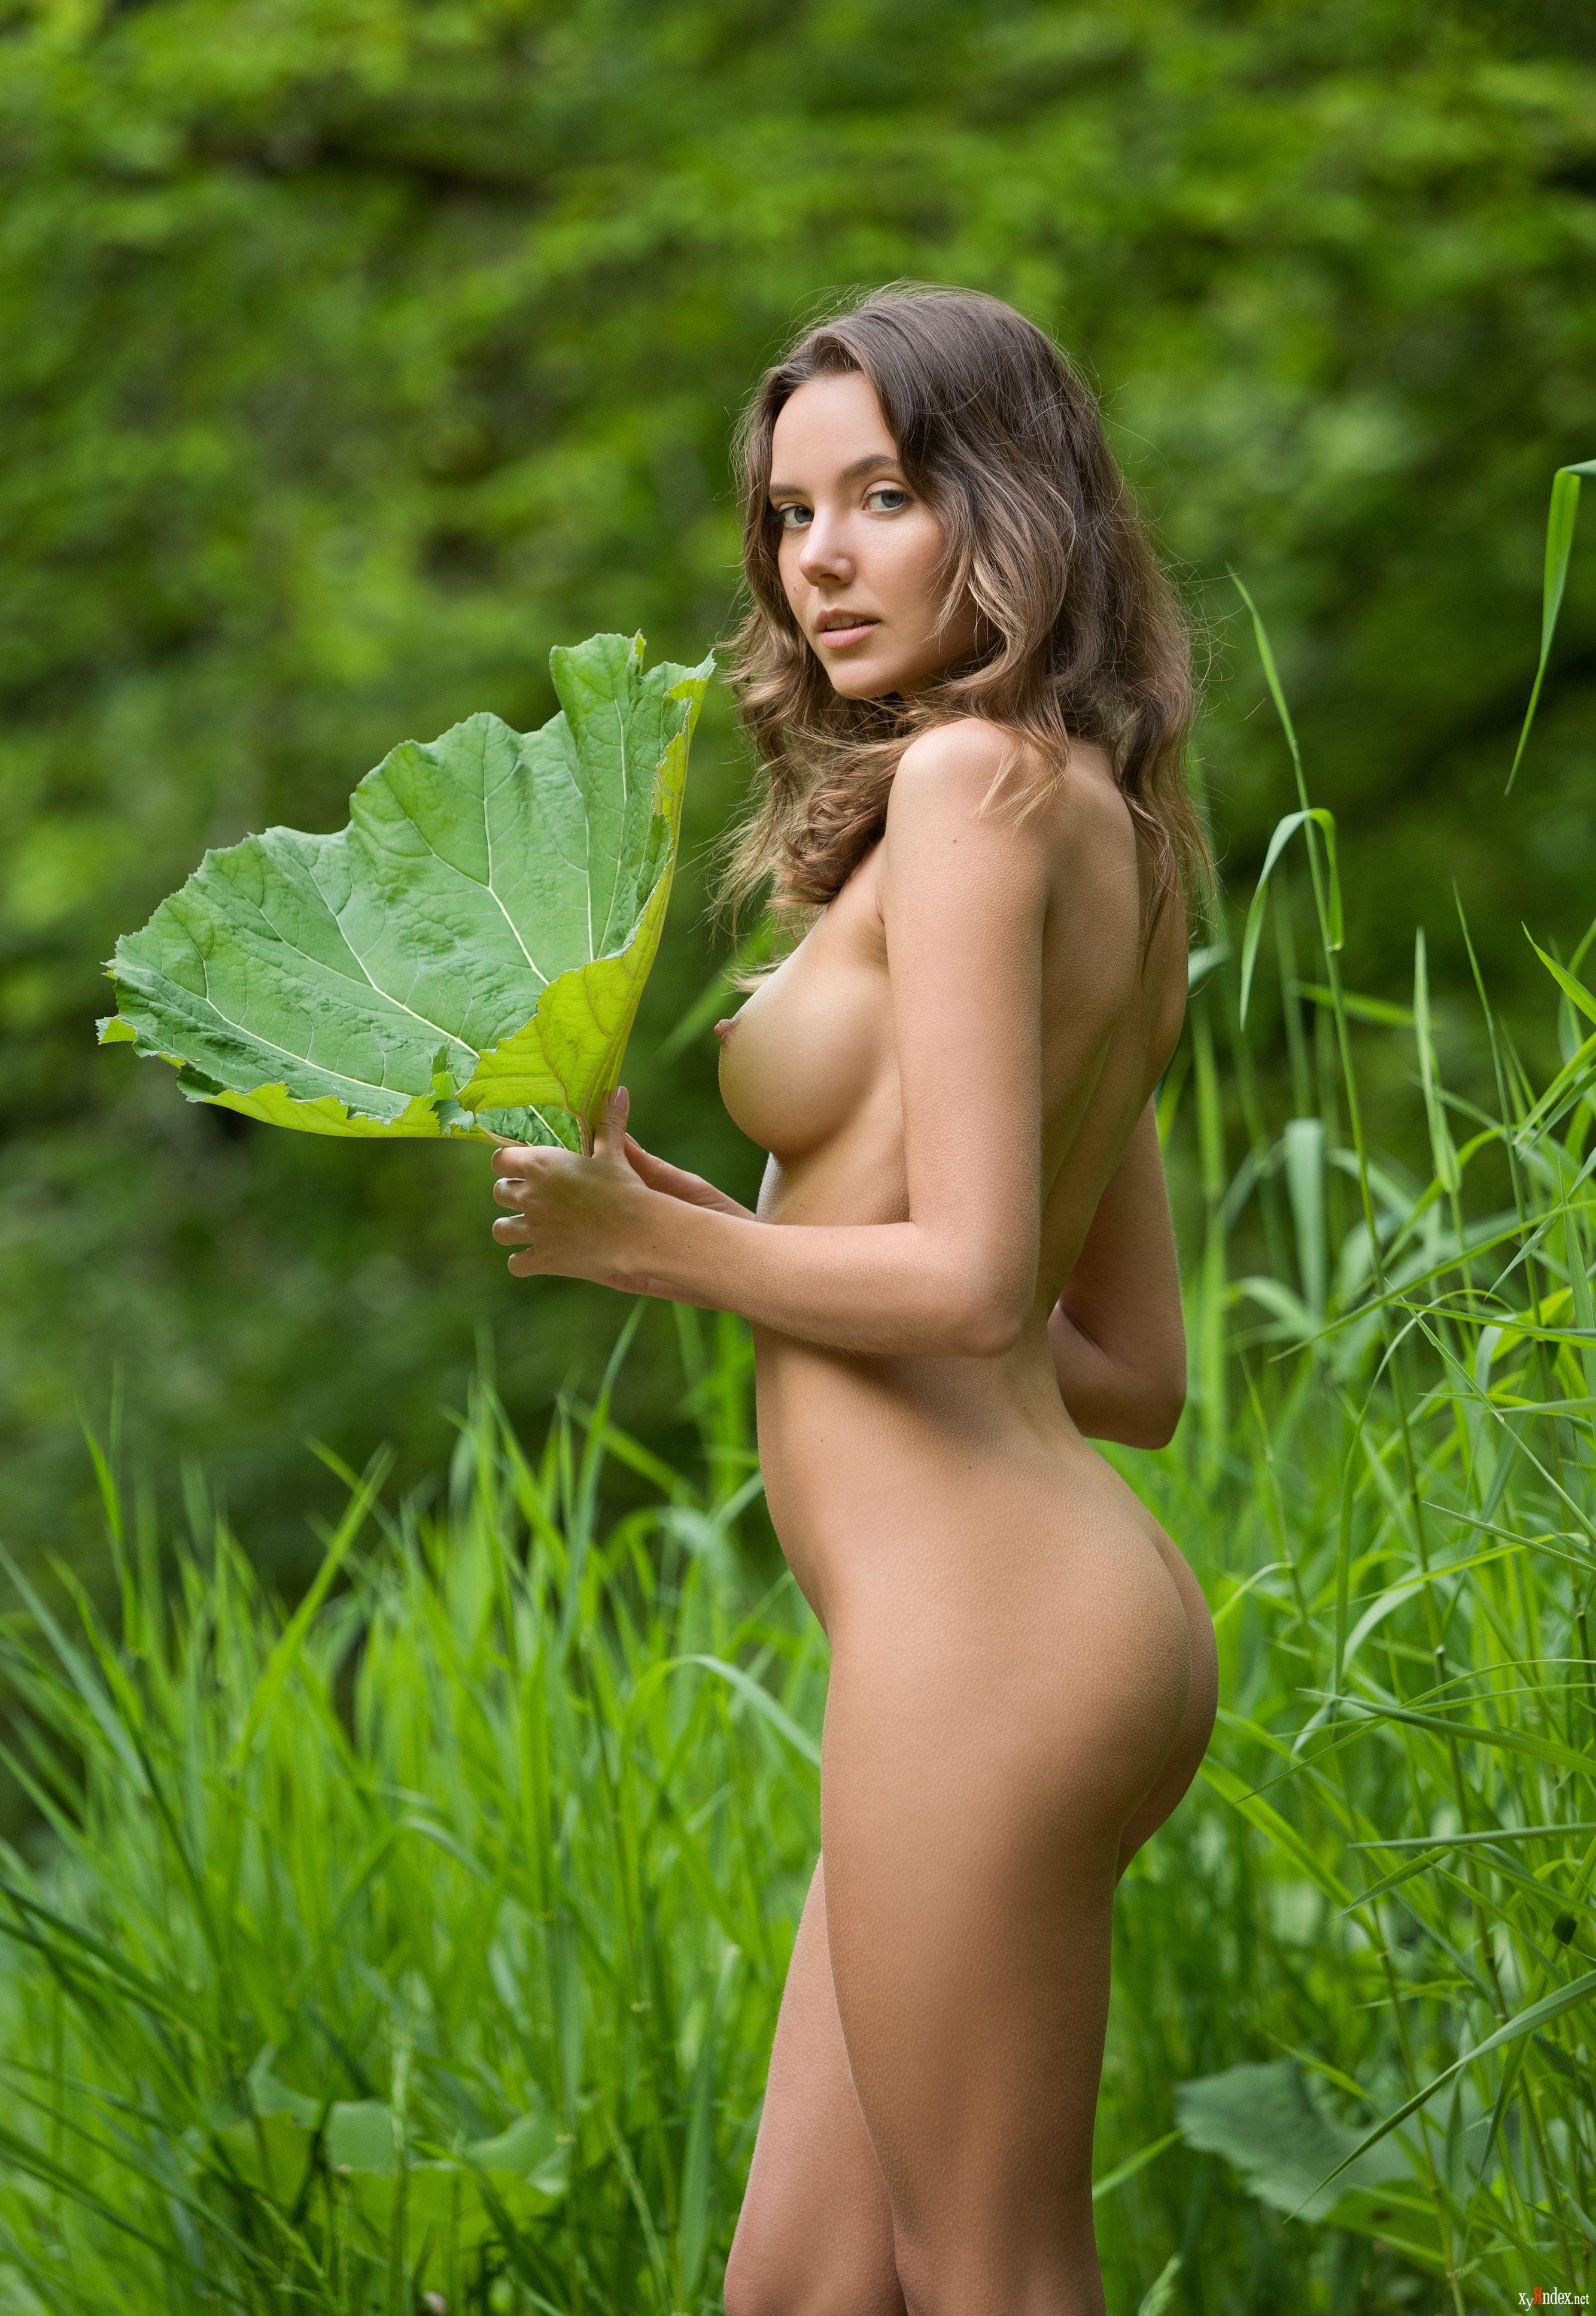 Соблазнительная шатенка разделась посреди зеленых кустов